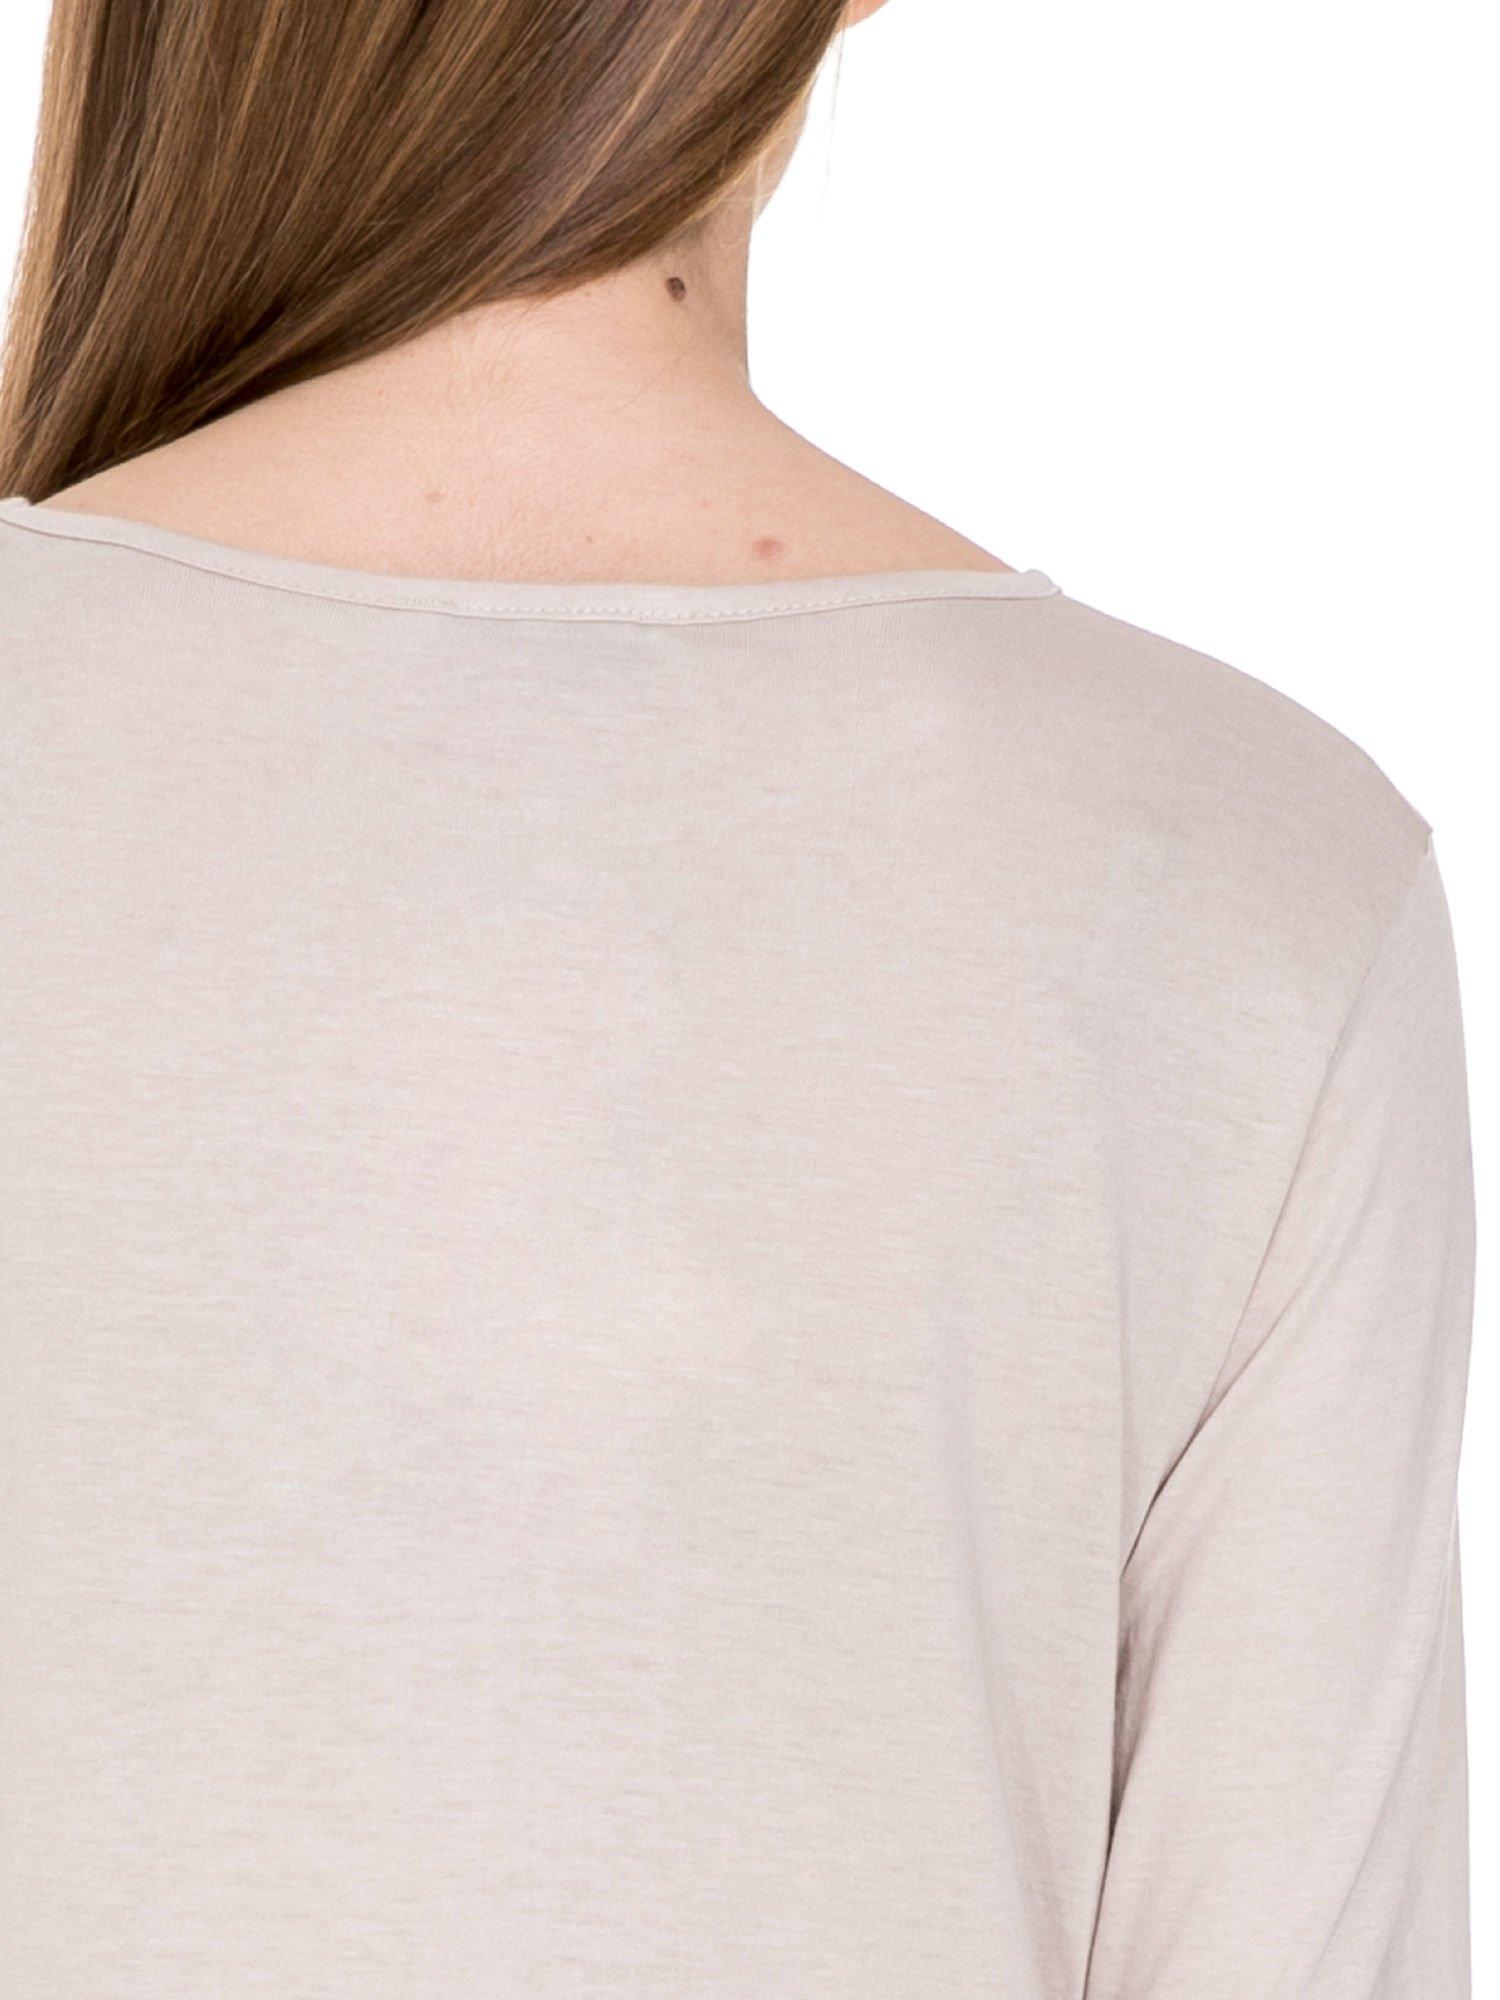 Beżowa bluzka z dłuższym tyłem                                  zdj.                                  5